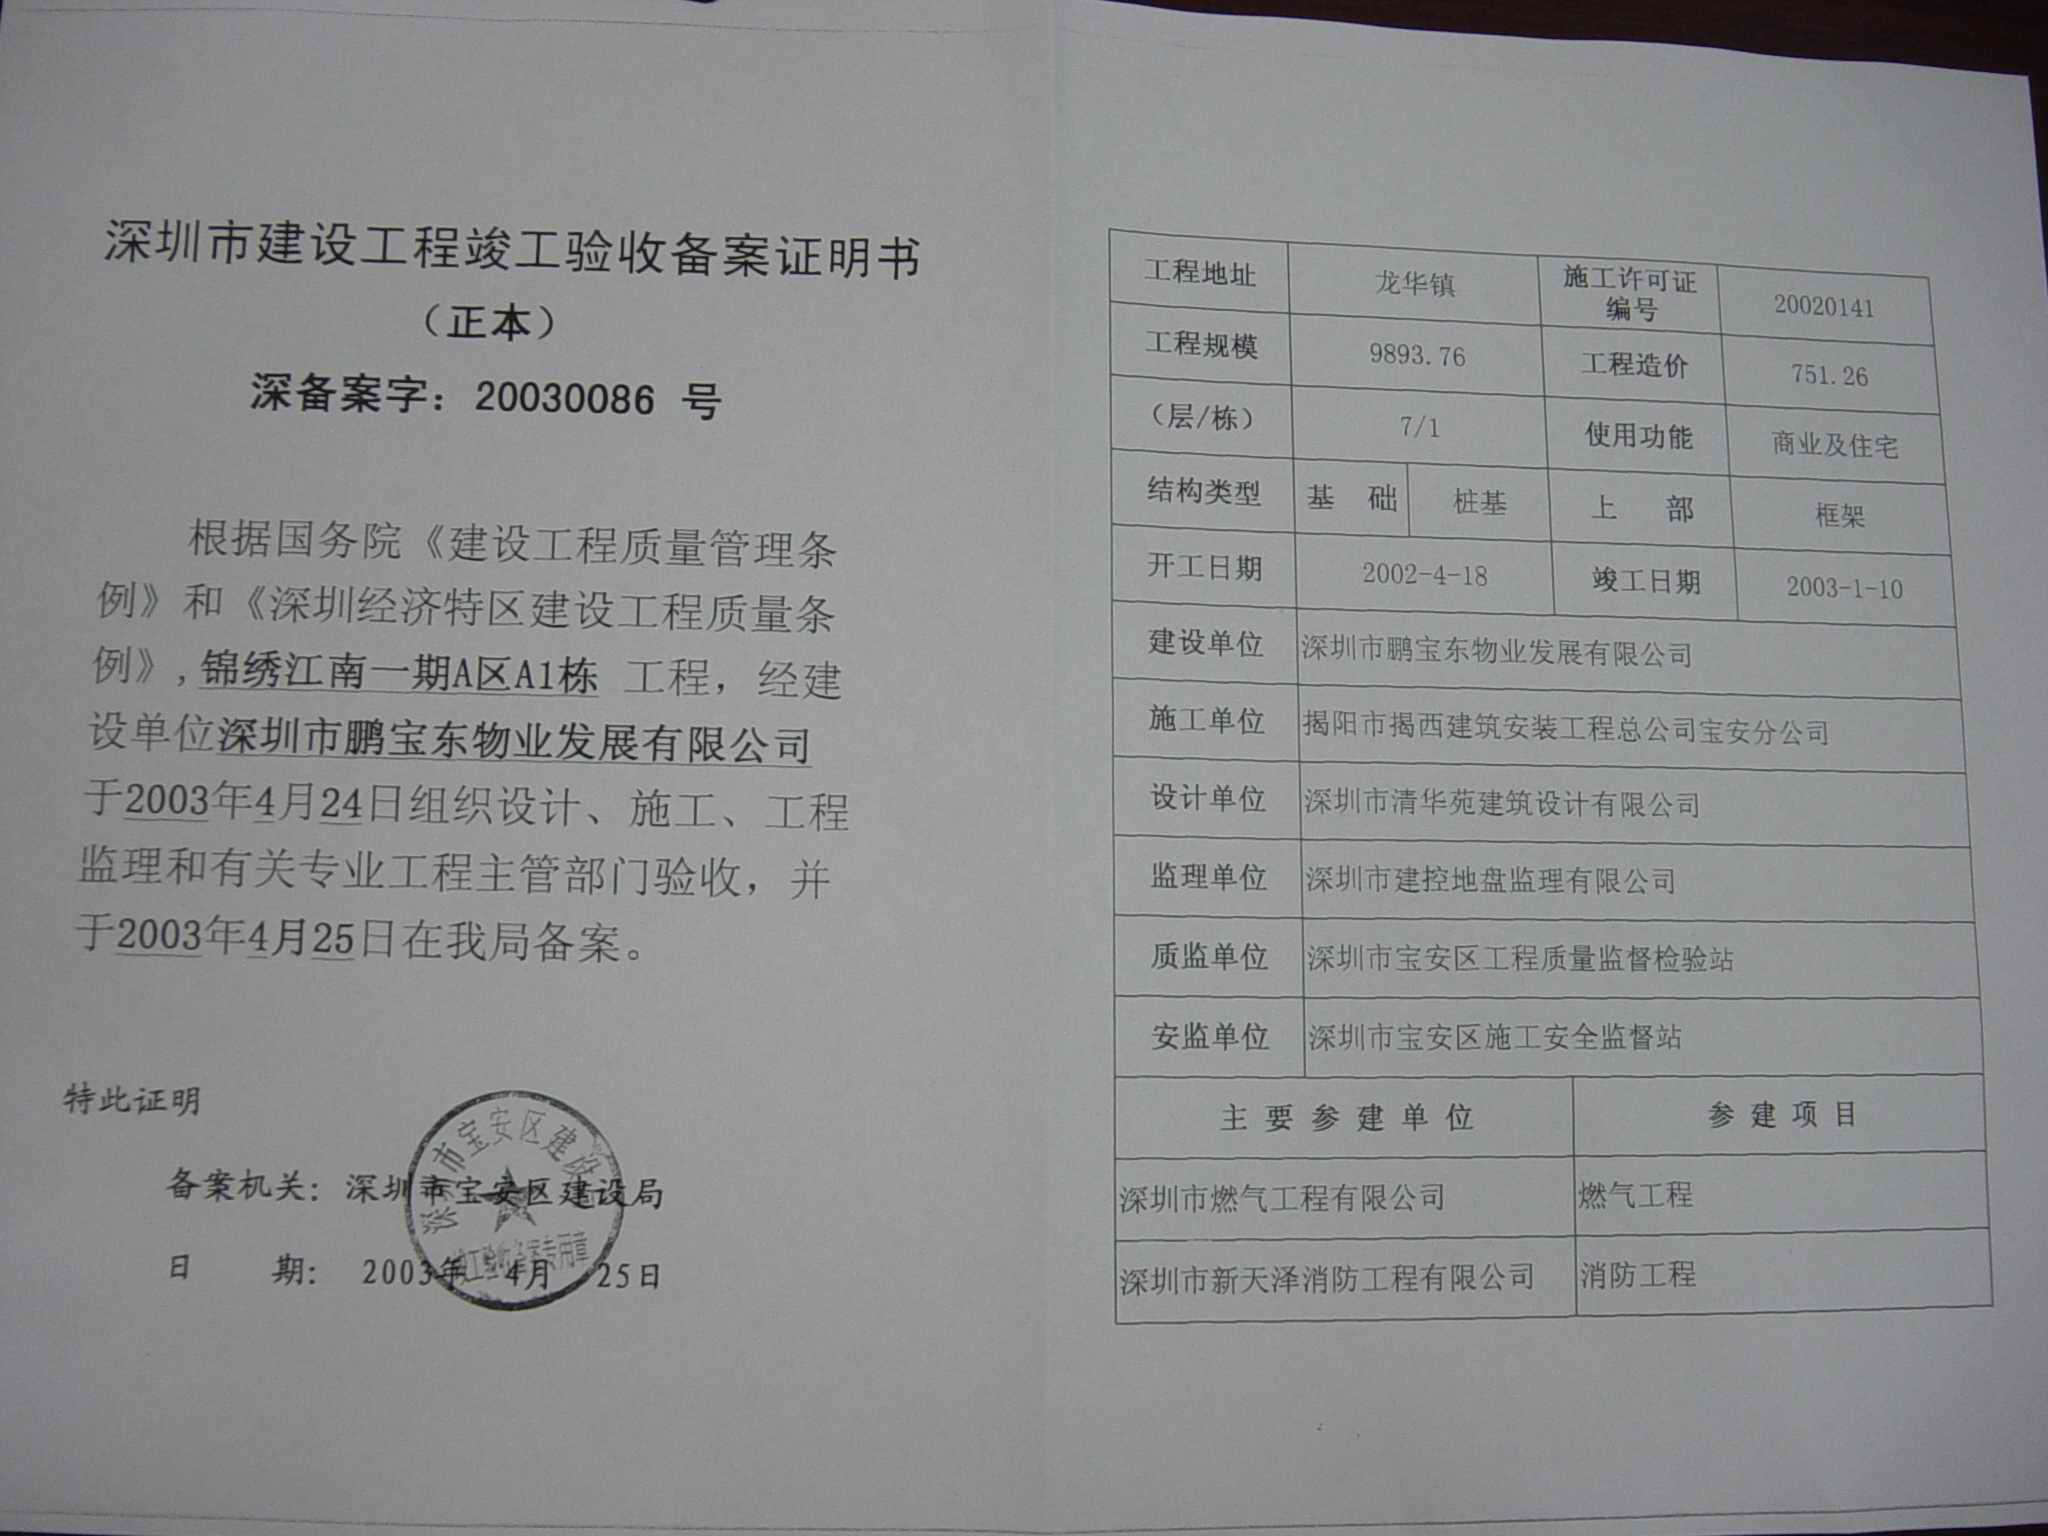 郑重声明 江南从入伙的第一天起就有合法的竣工验收证书等高清图片